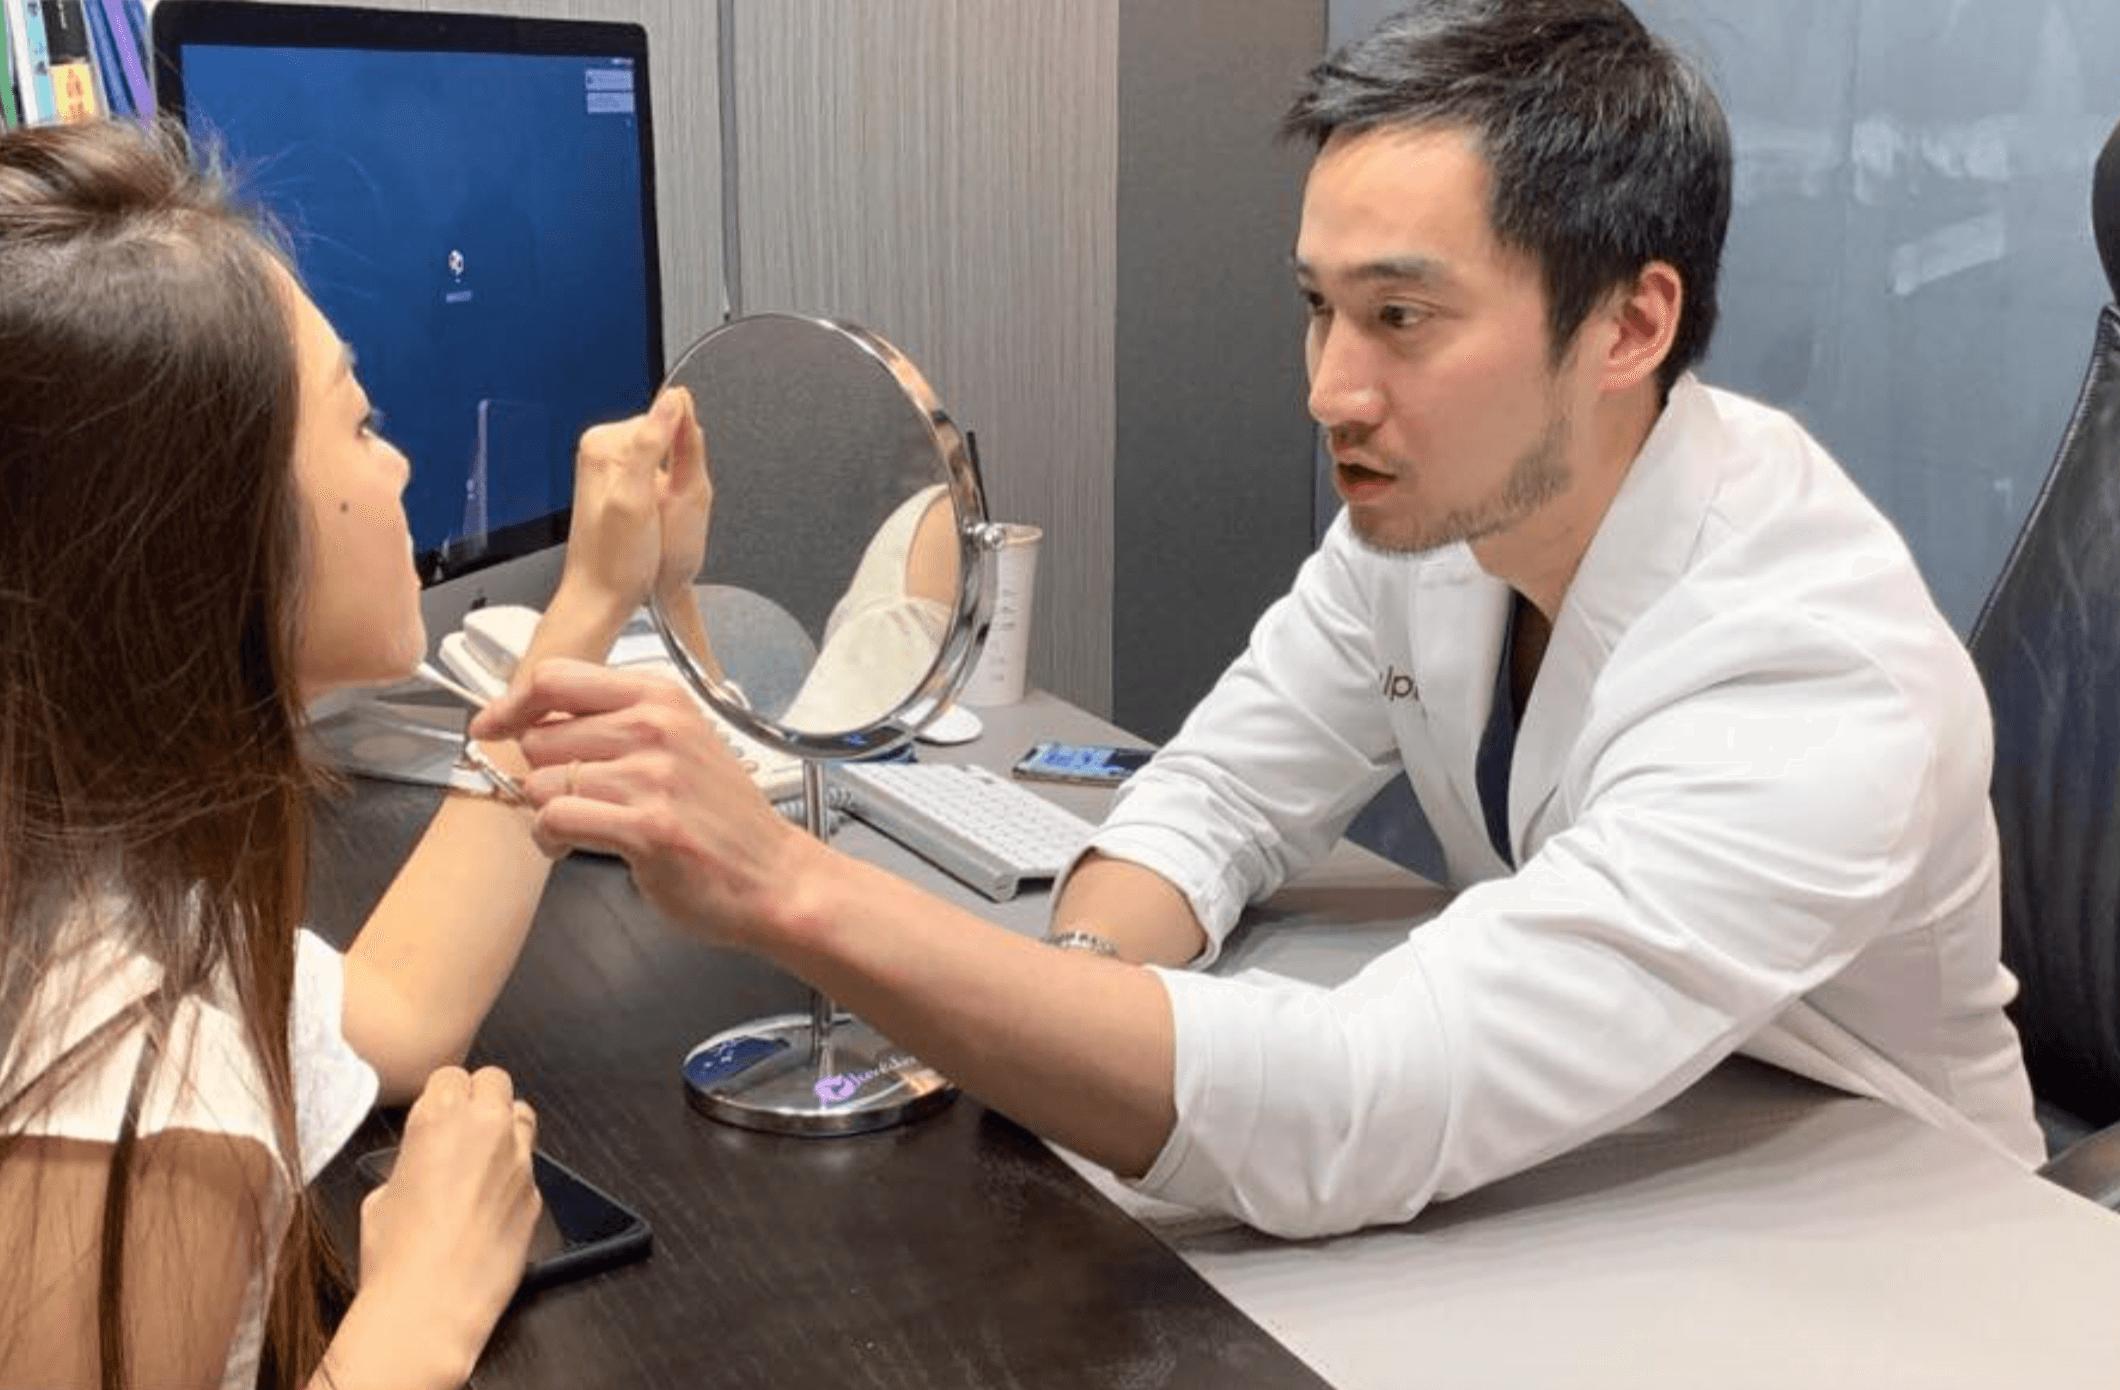 亮麗的林千又與五官精雕大師賴弘國醫師進行了一場玩美對決!